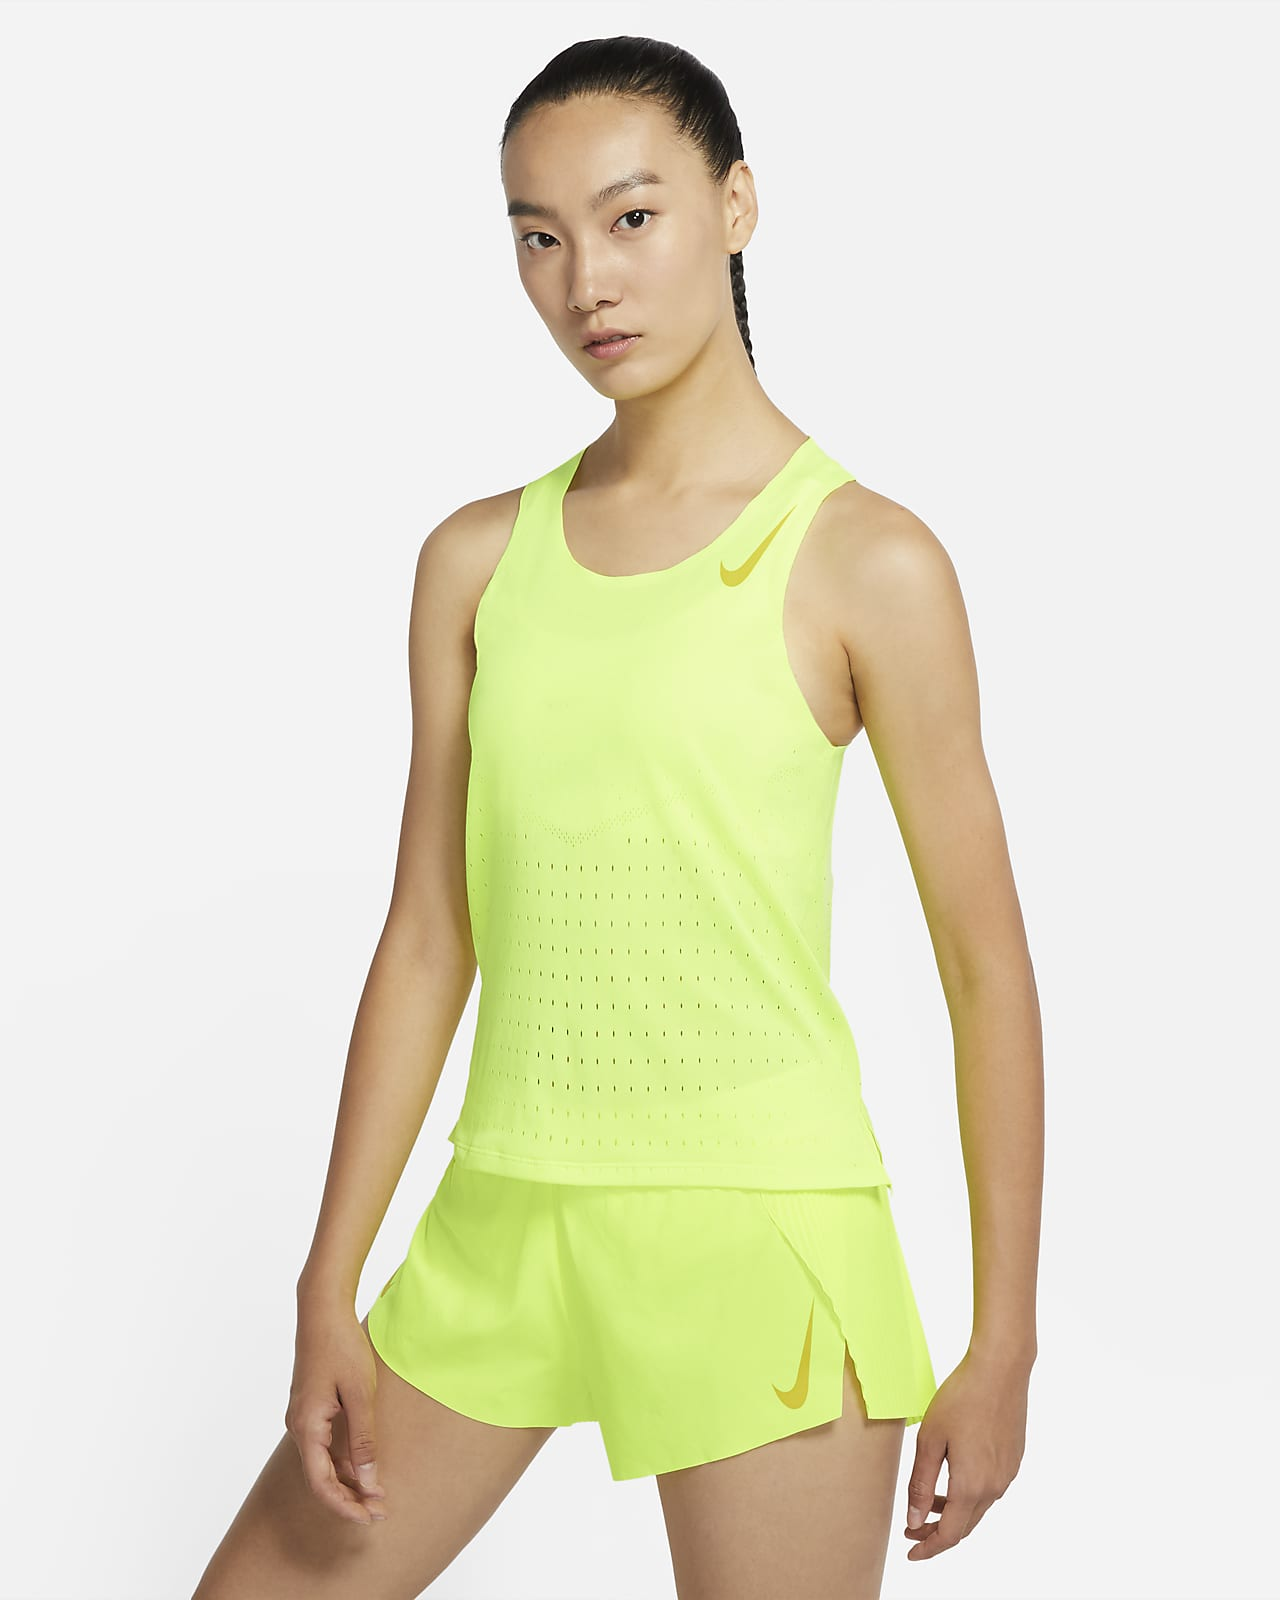 เสื้อกล้ามวิ่งผู้หญิง Nike AeroSwift